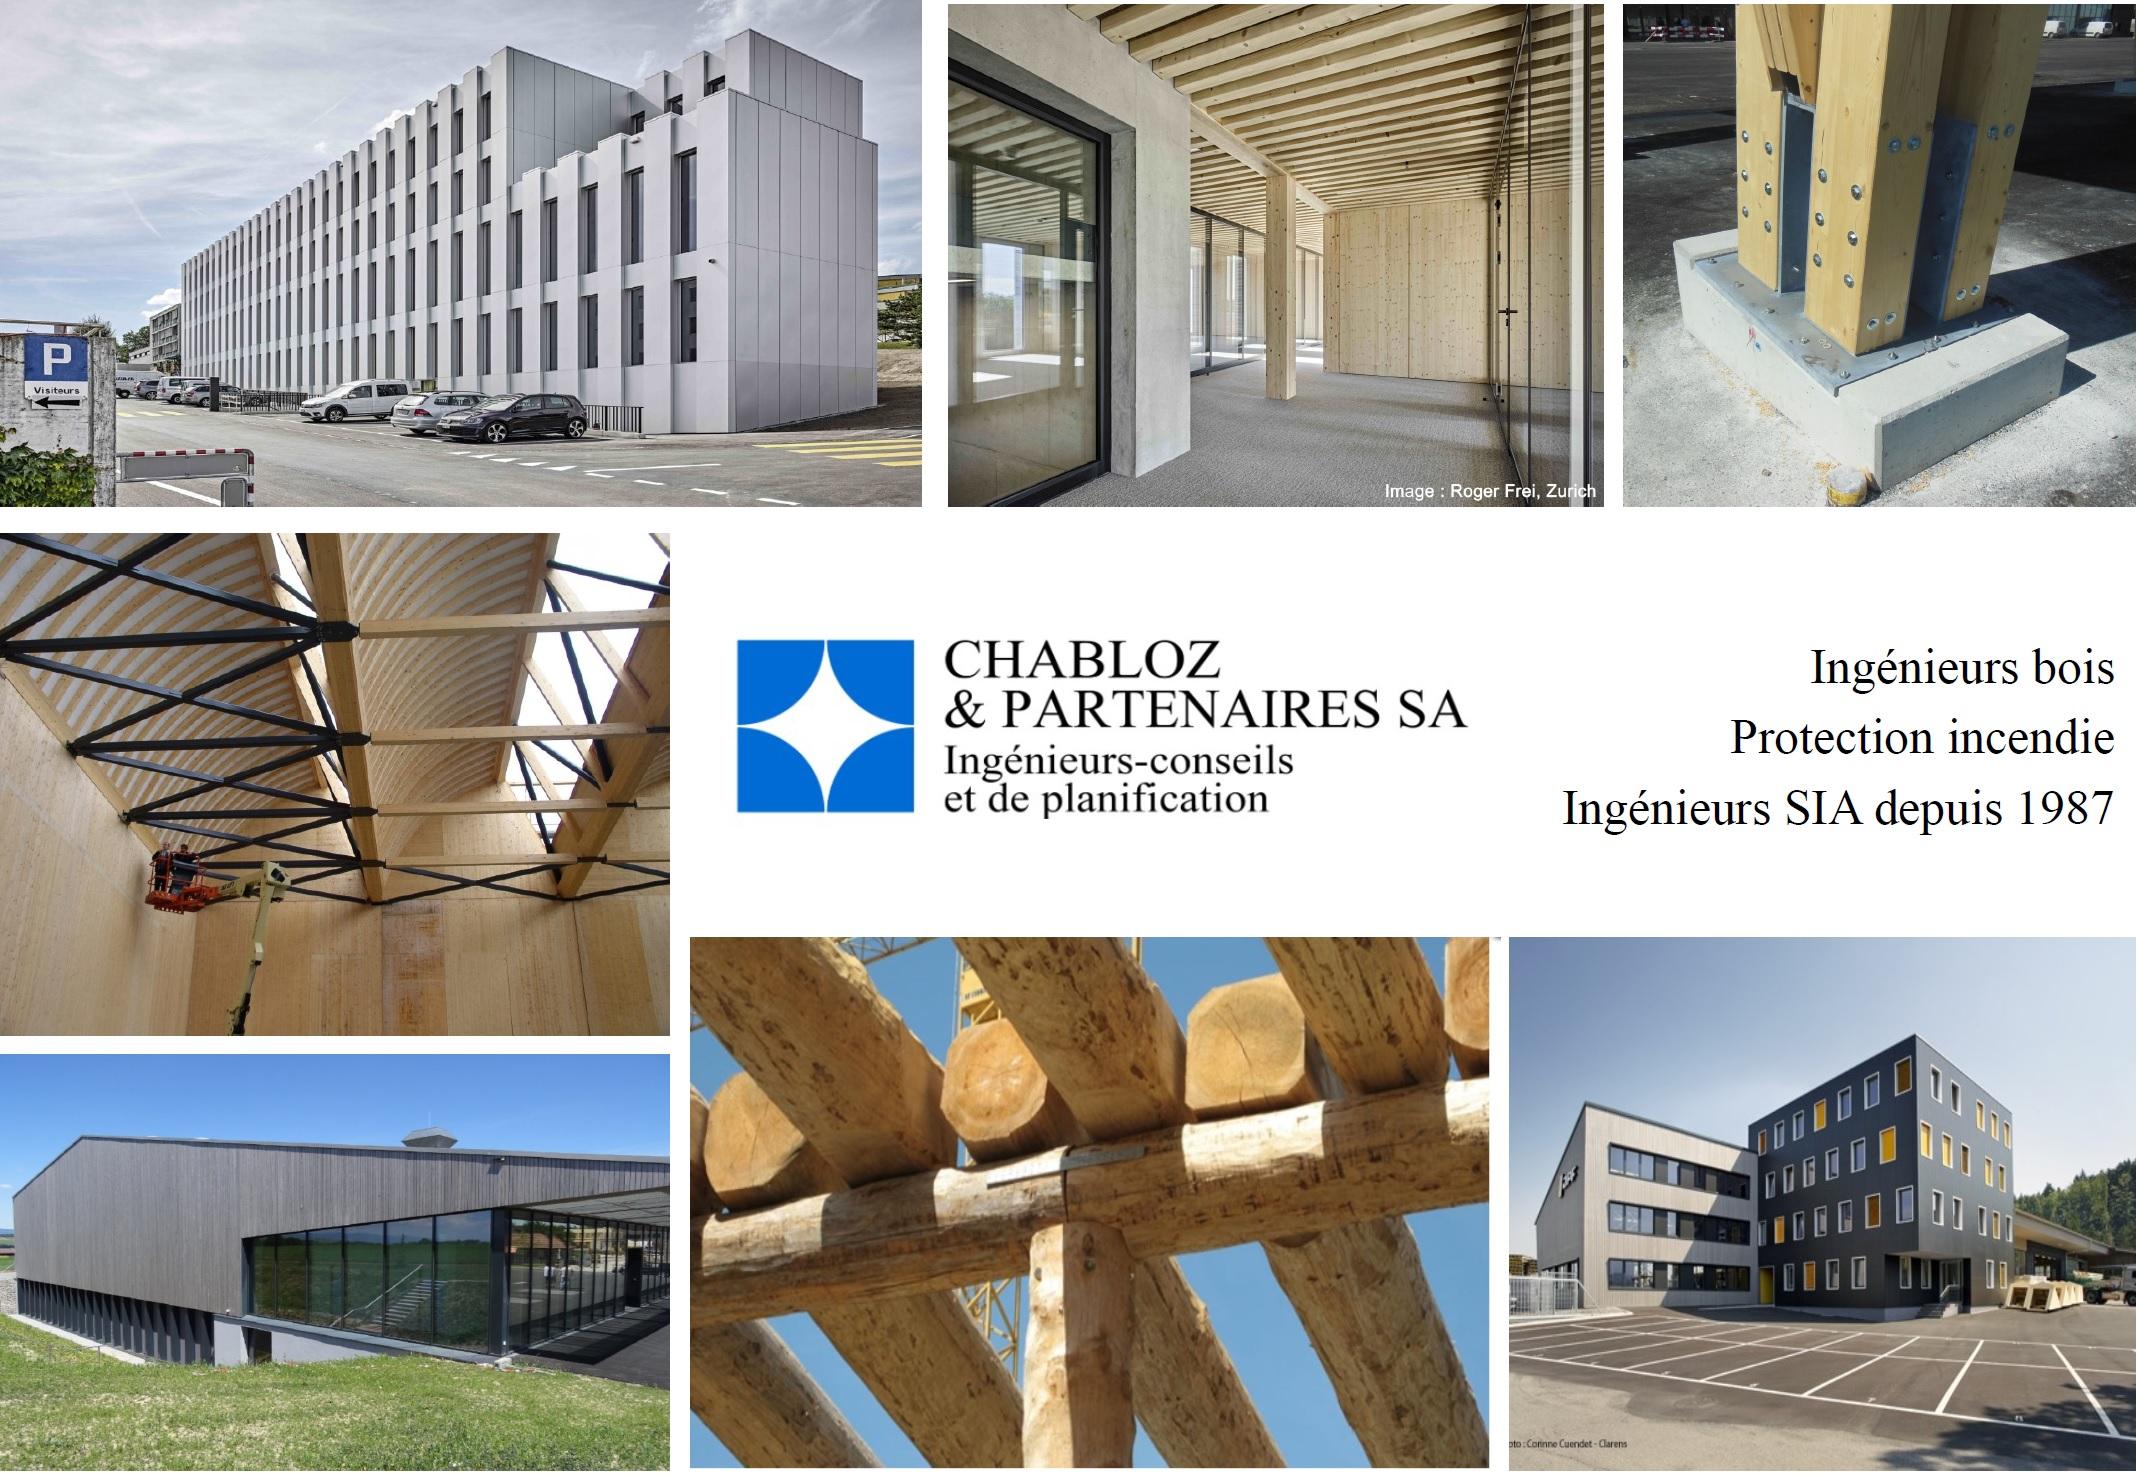 Chabloz & Partenaires SA